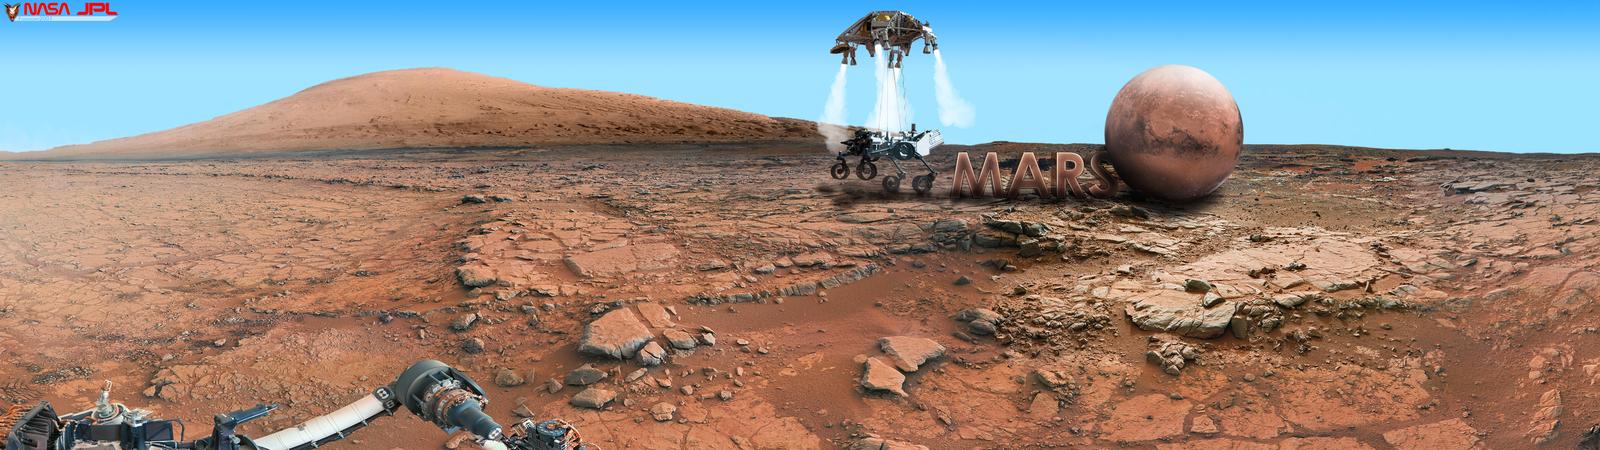 mars wallpaper reddit